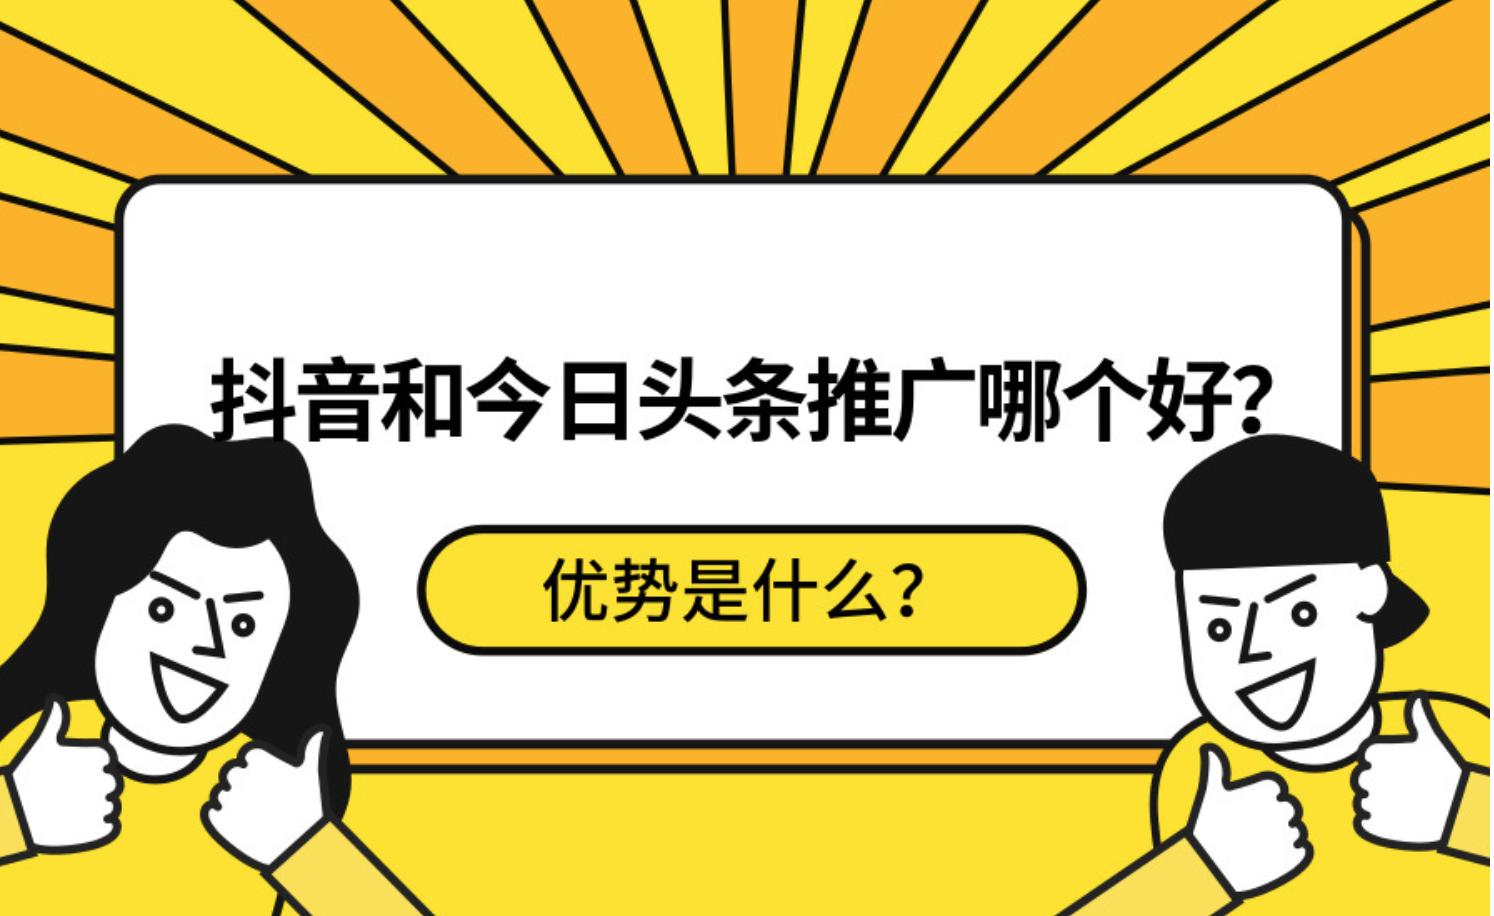 九州互营:抖音短视频推广和今日头条软文推广哪个更有优势?